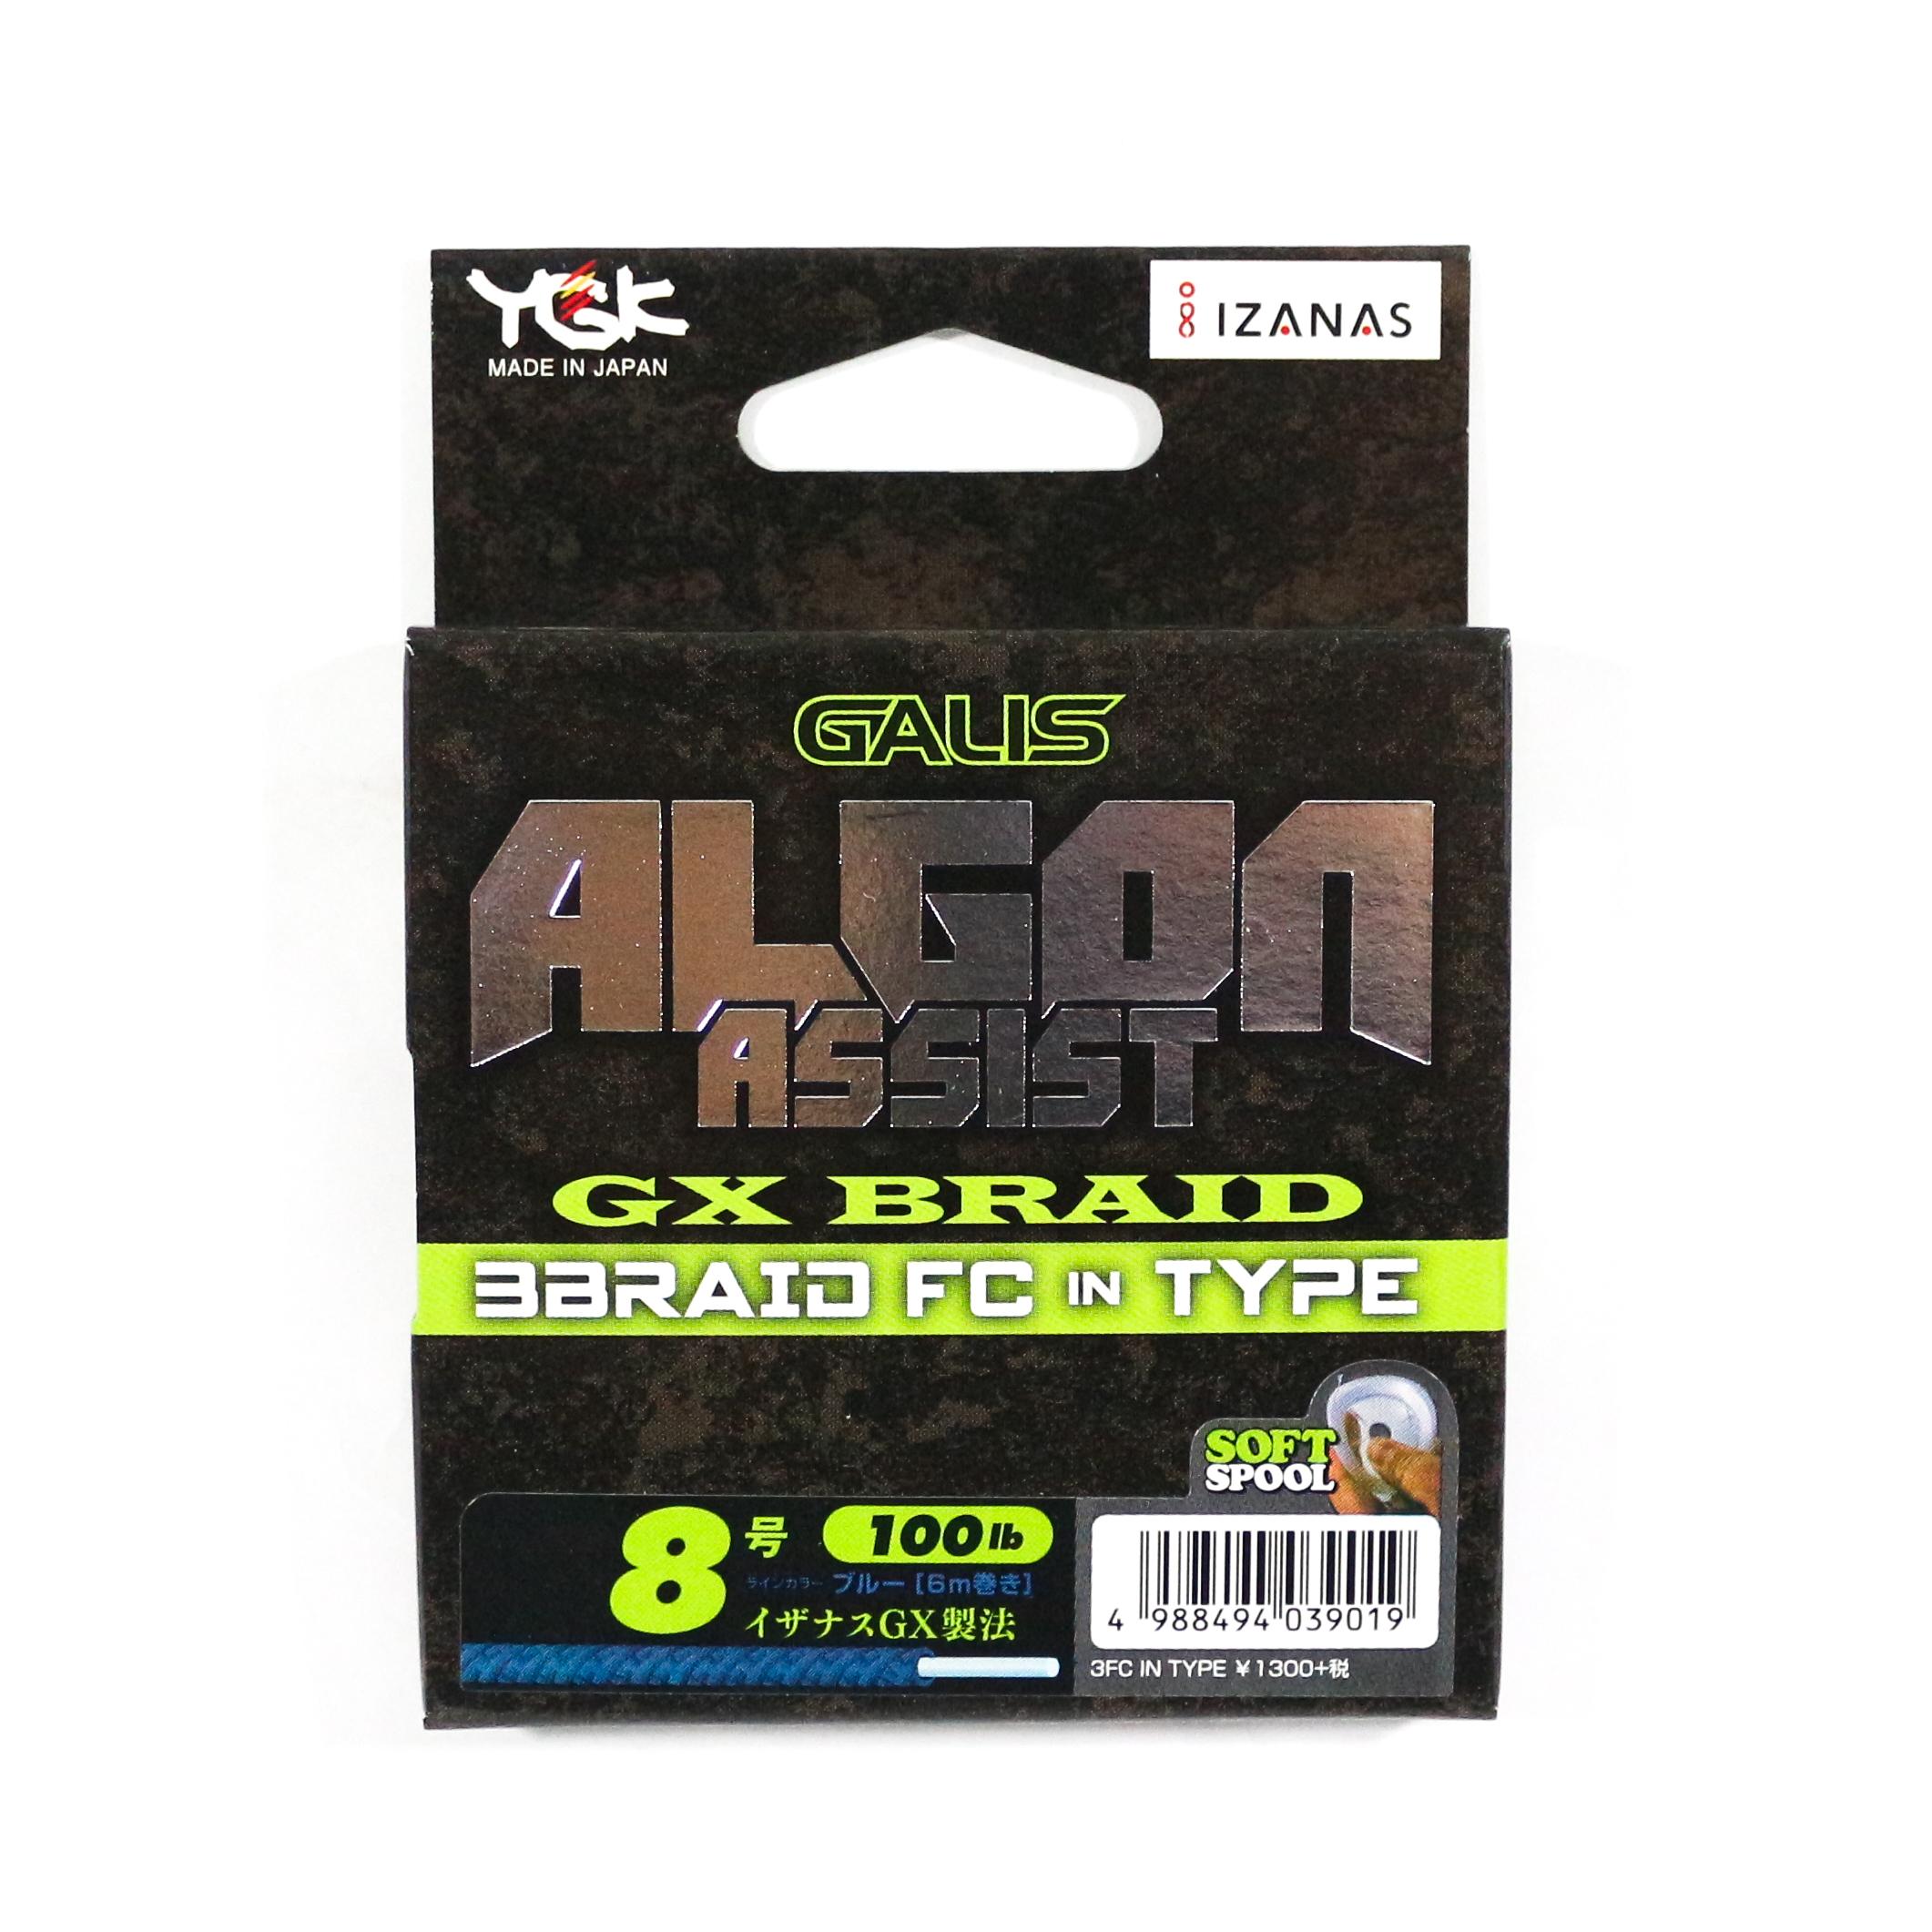 YGK Algon Assist GX Braid FC In Type 6m Size 8, 100lb Blue (9019)